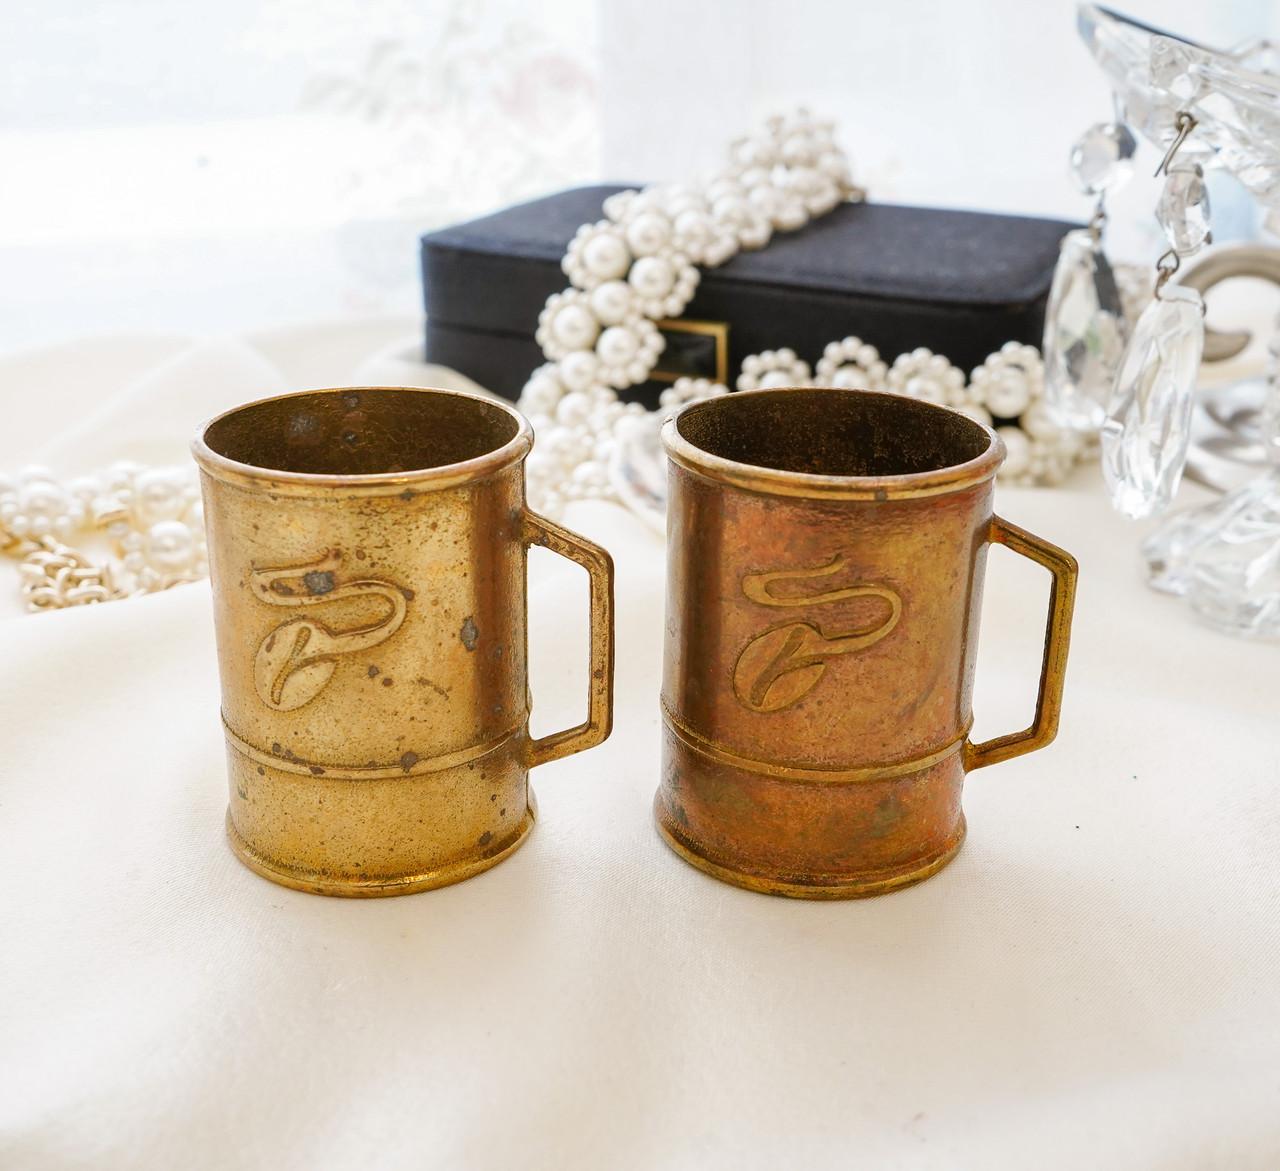 Стара бронзова чашечка, підставка під зубочистки, солонка, бронза,, Німеччина